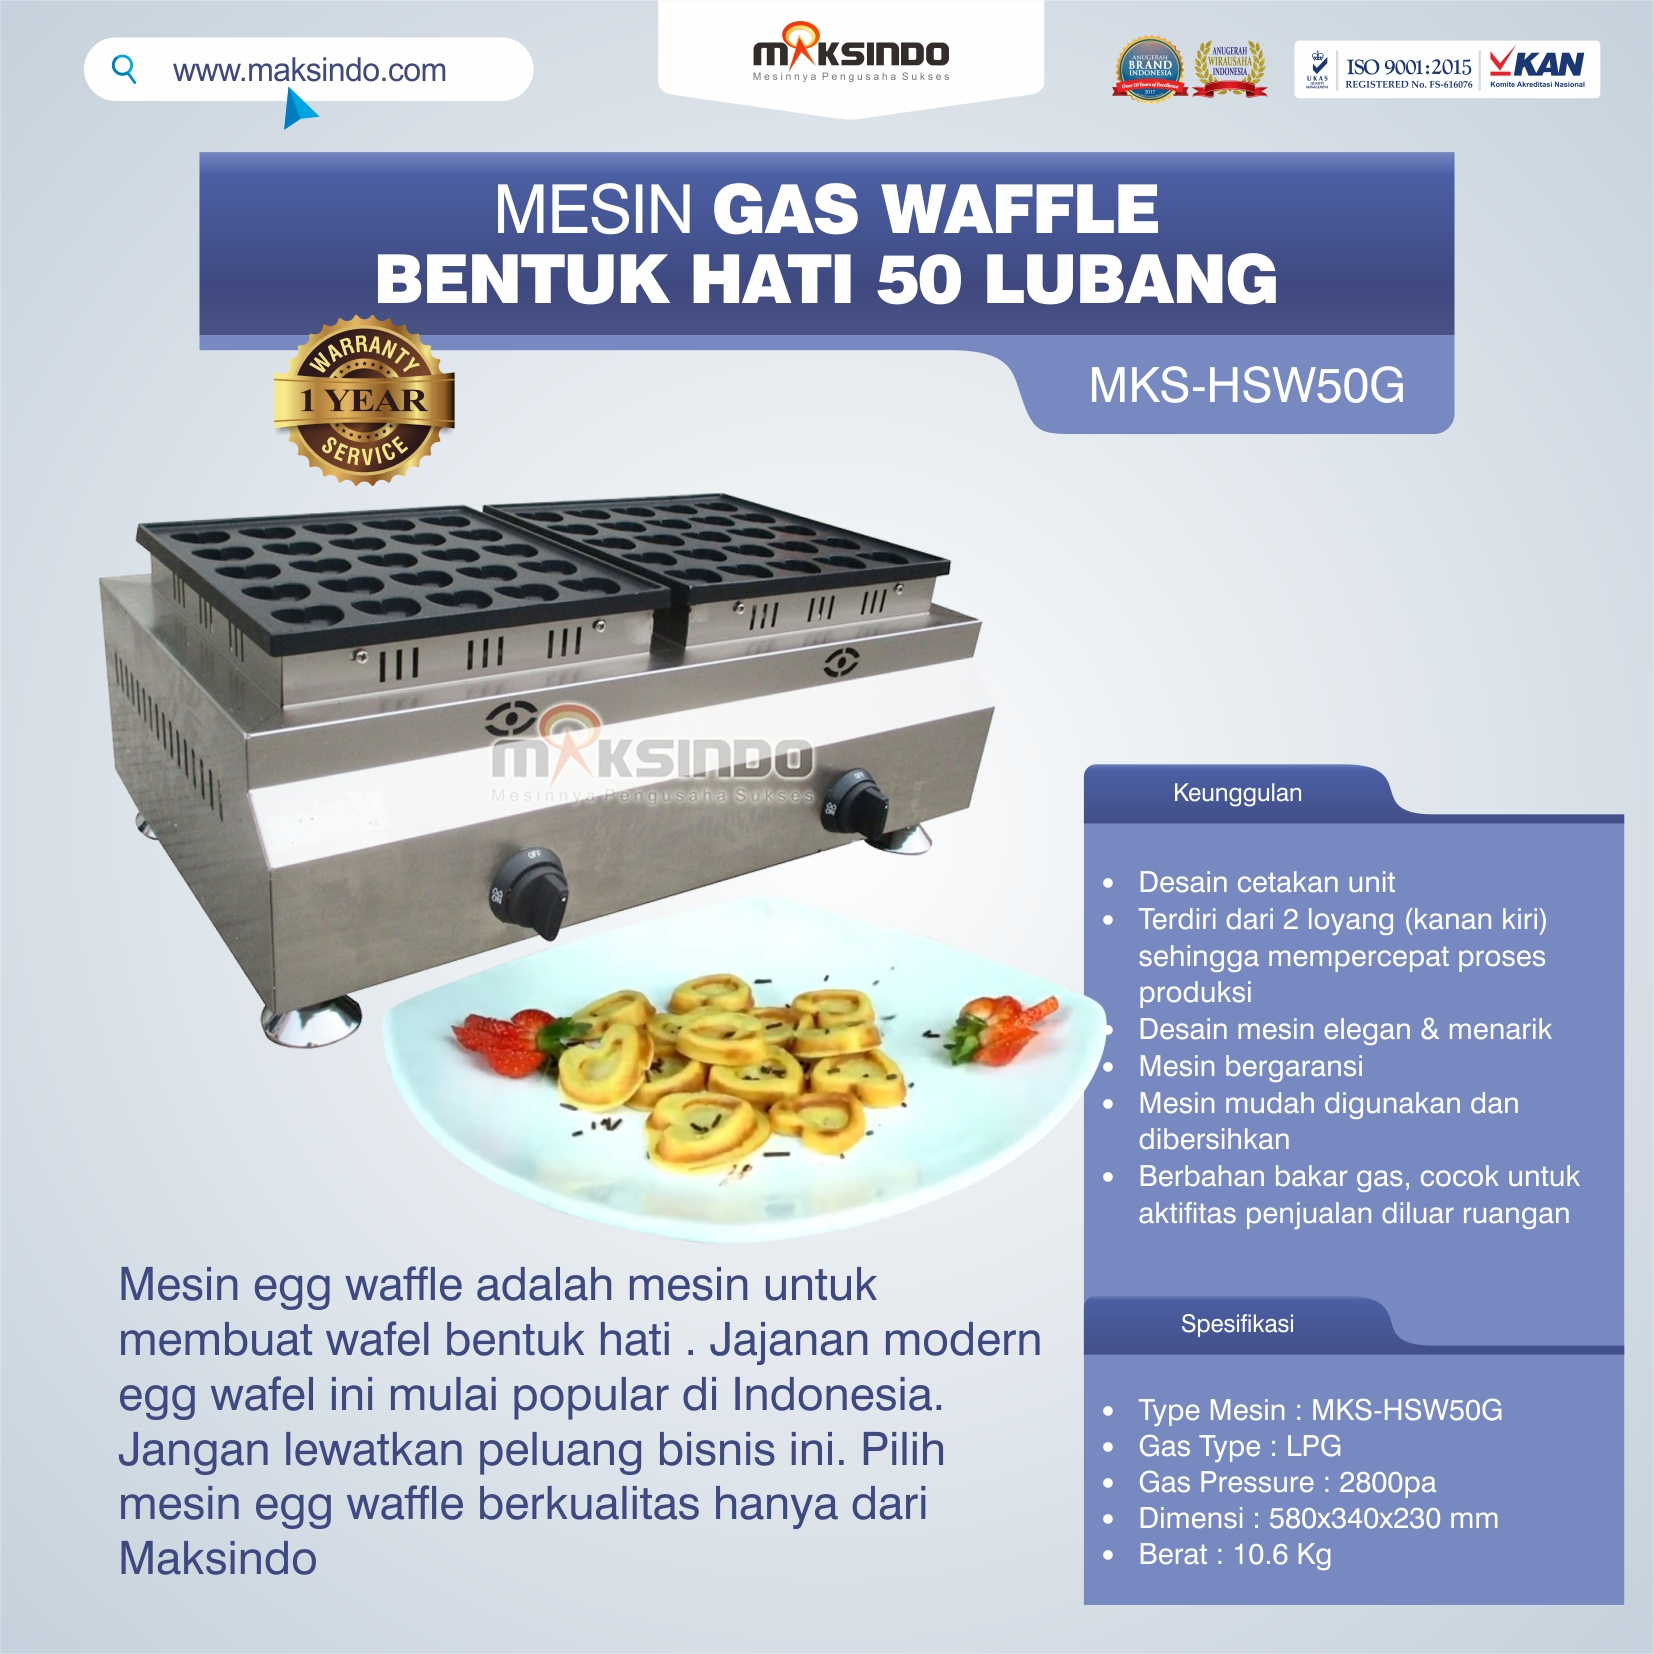 Jual Mesin Waffle Gas Bentuk Hati 50 Lubang MKS-HSW50G di Medan